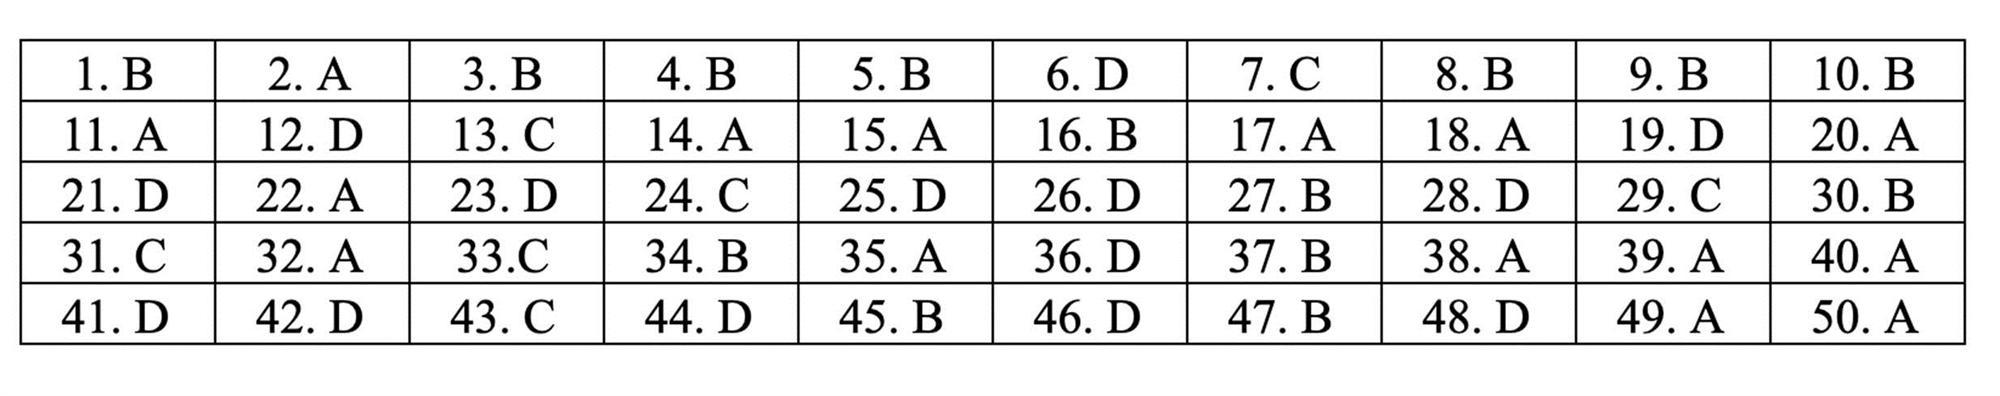 Đáp án tham khảo môn Toán thi THPT quốc gia 2019 tất cả mã đề-14